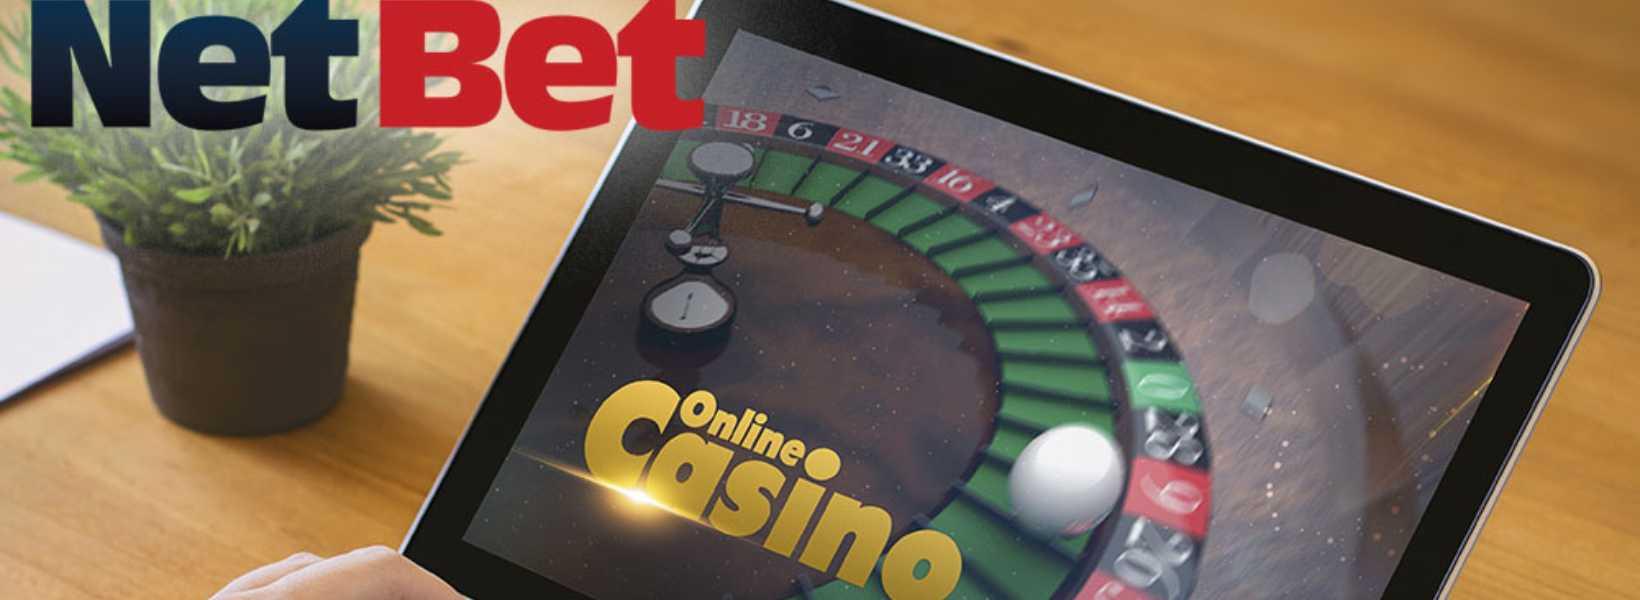 netbet casino joc